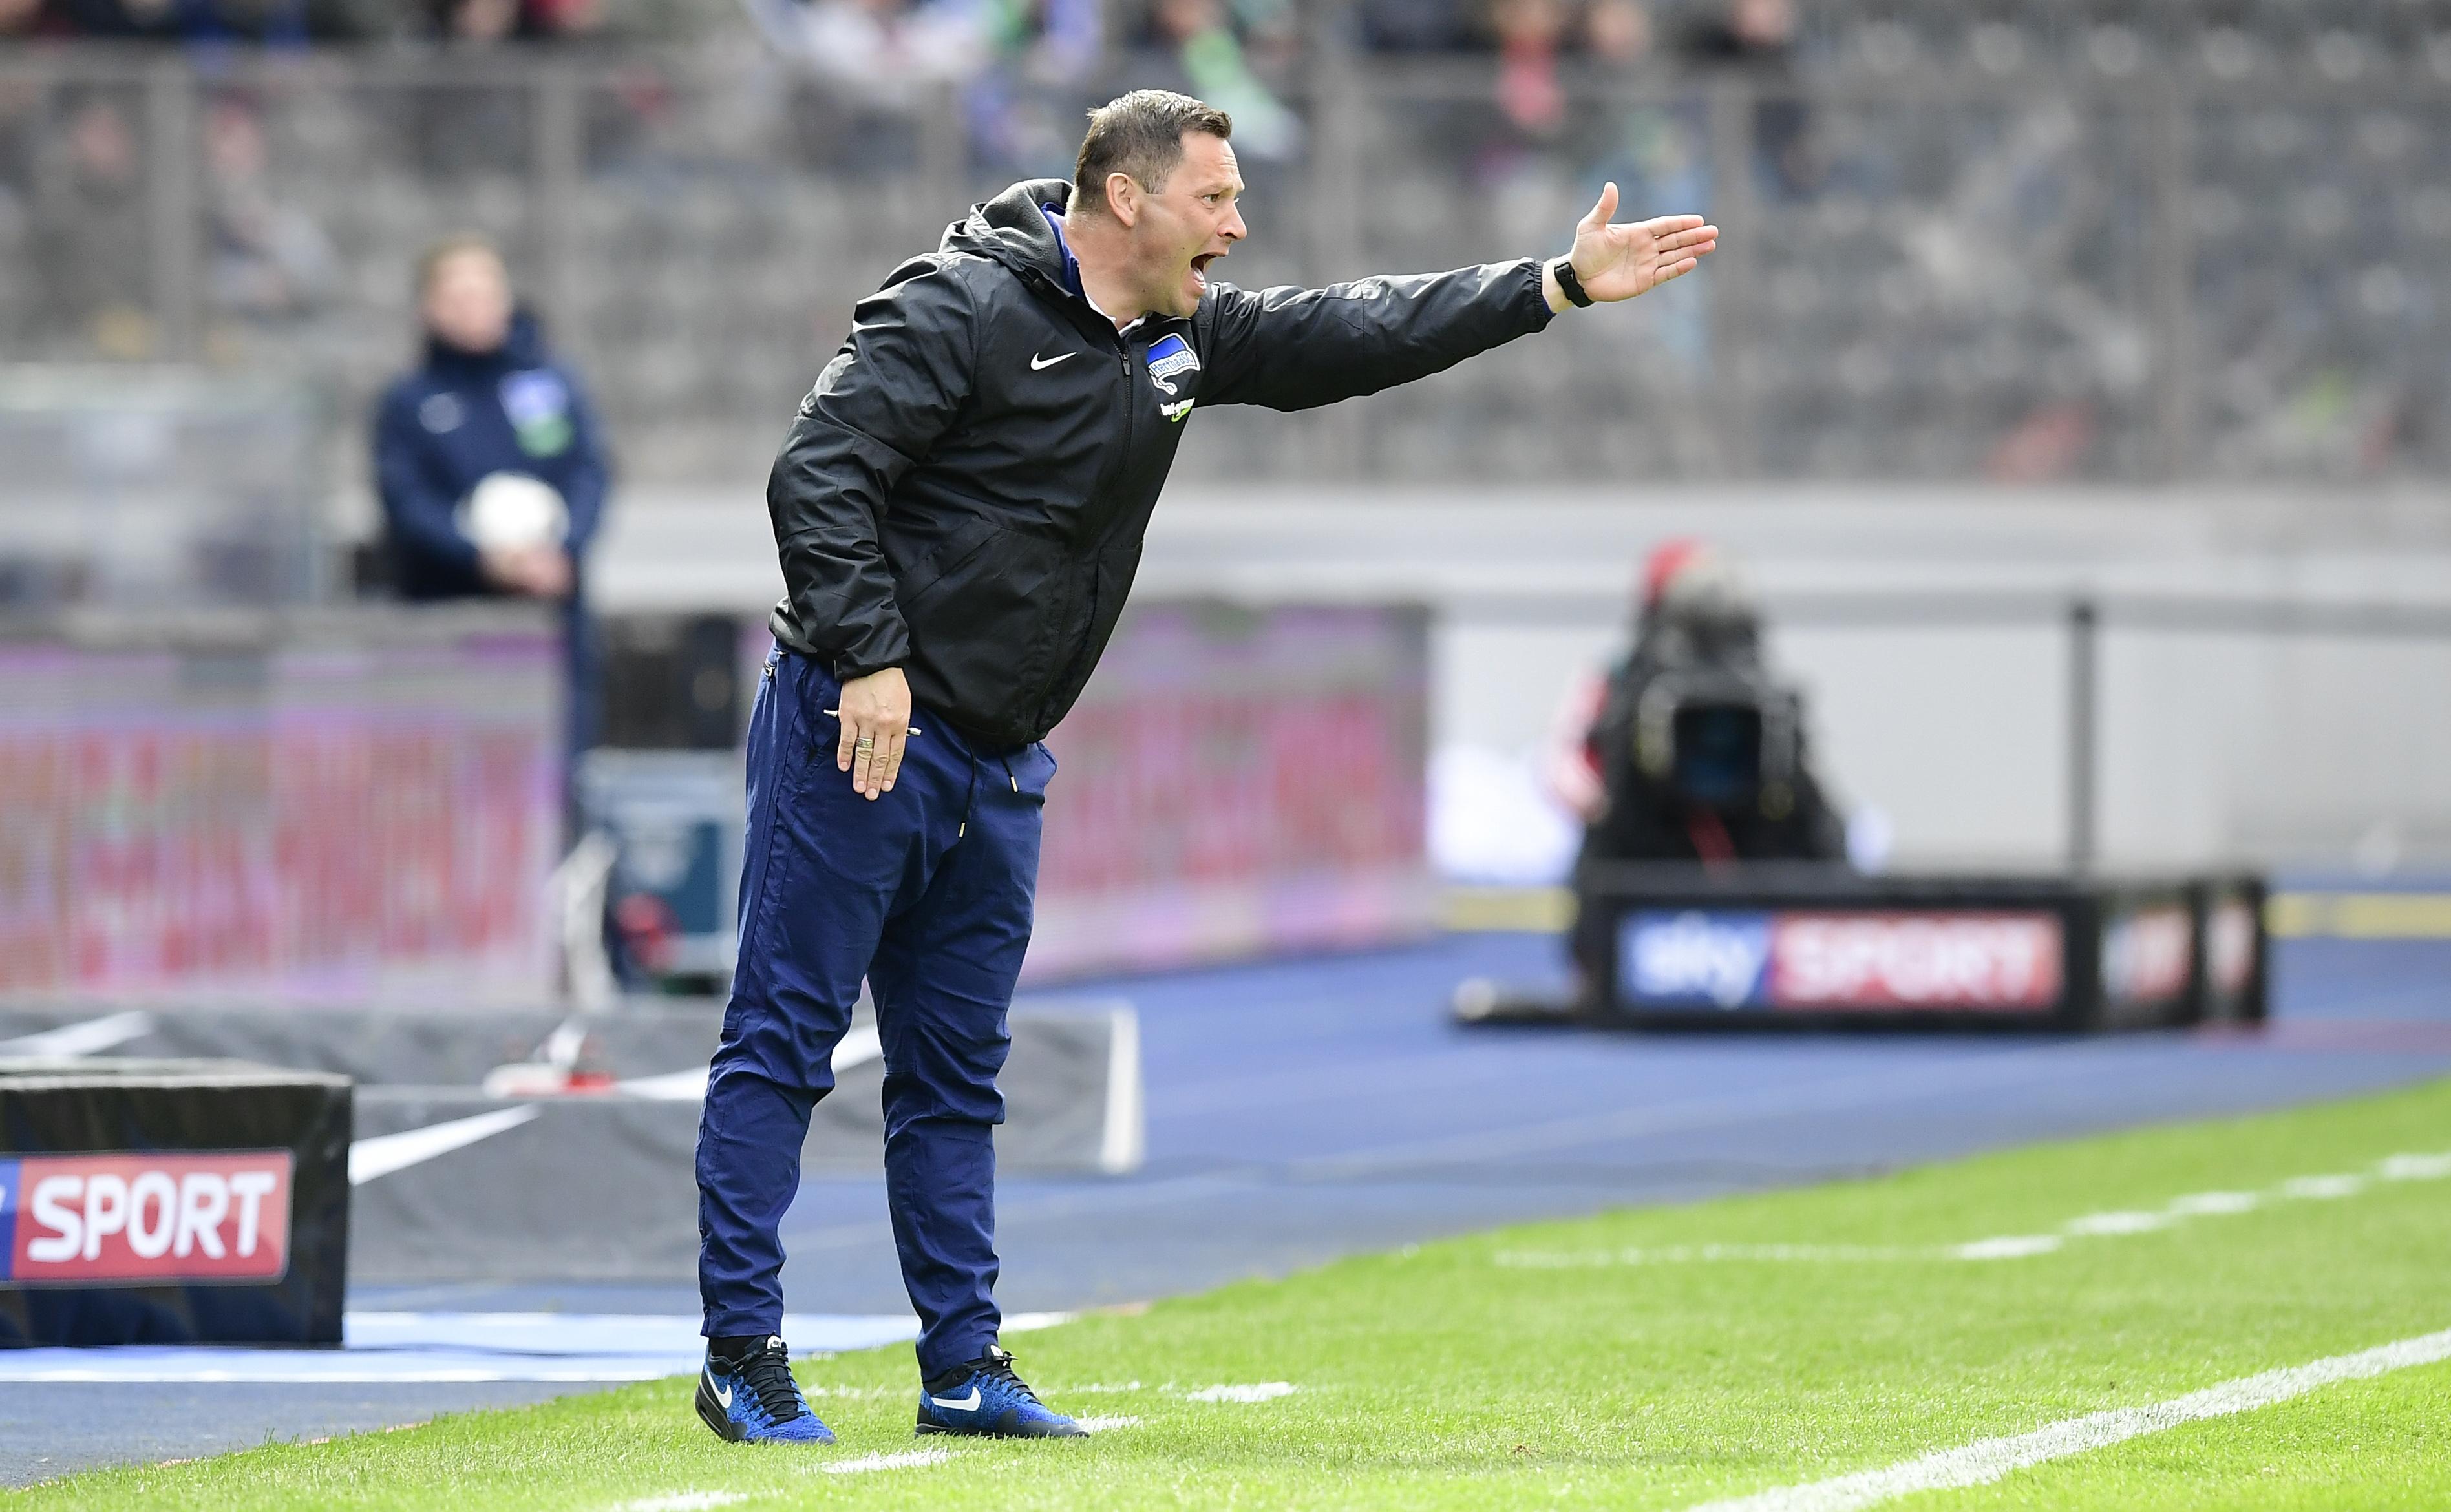 Rekordbevételt ért el Dárdaival a múlt szezonban a Hertha